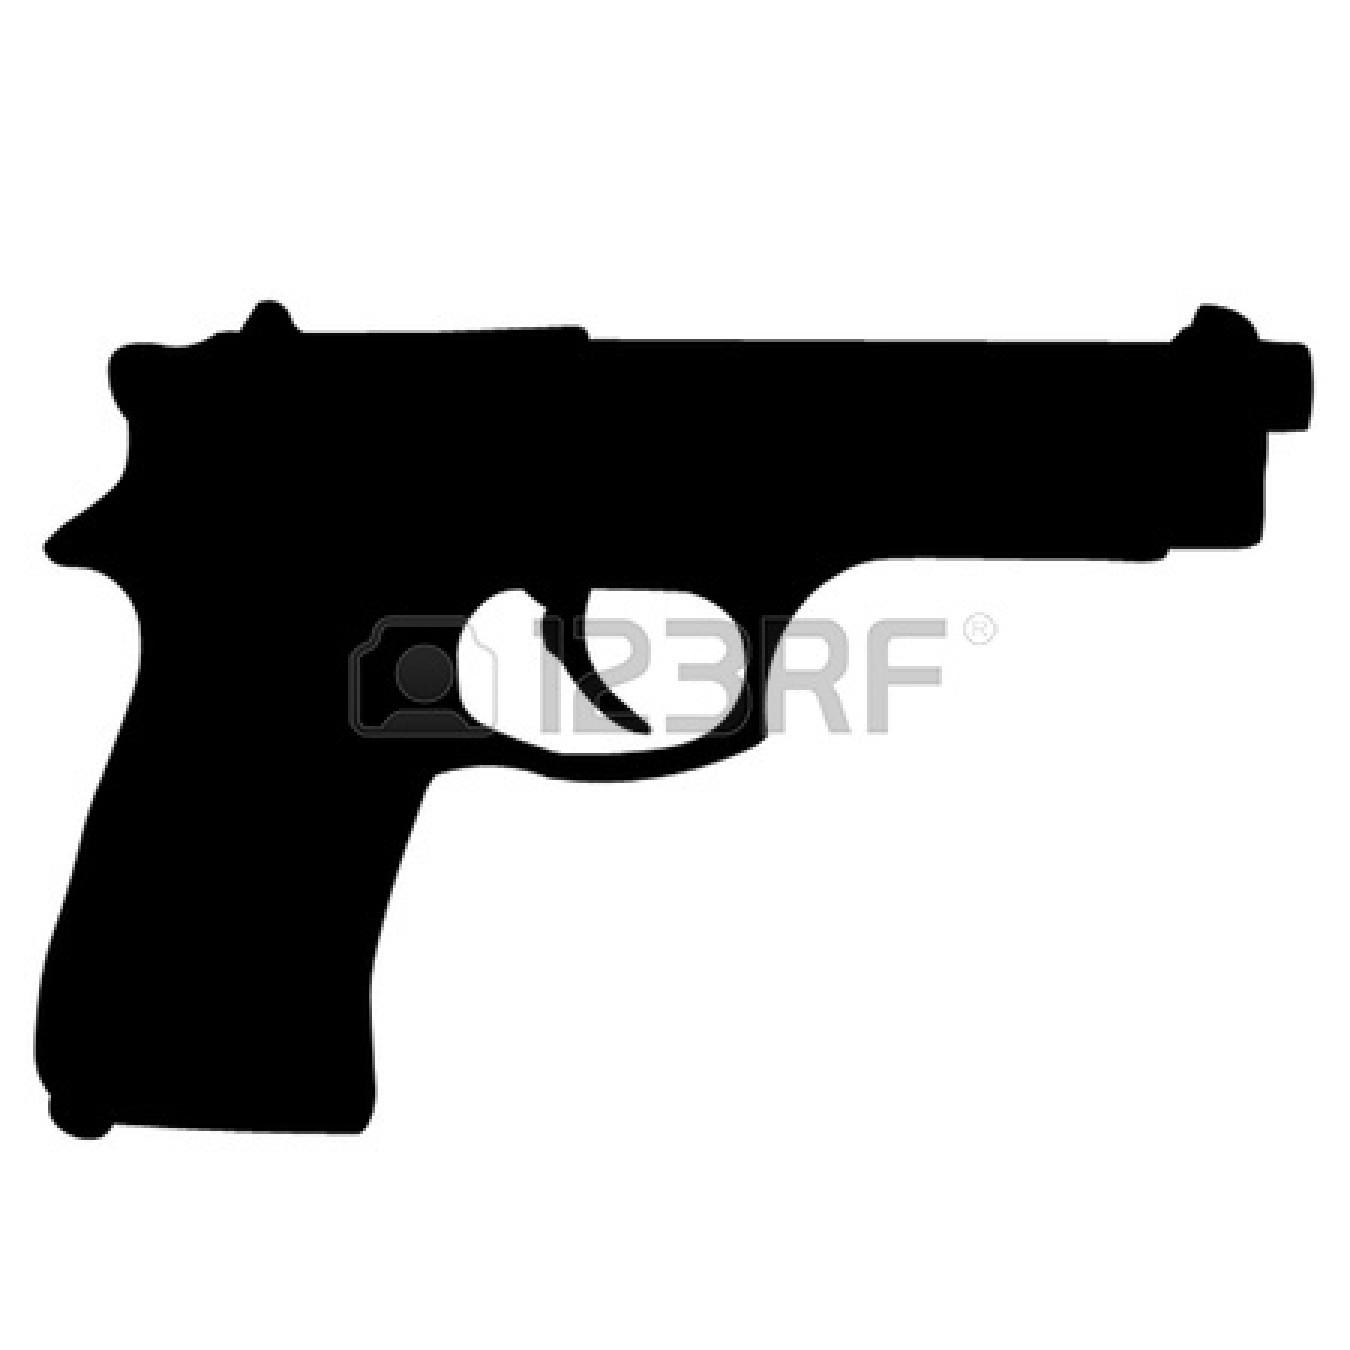 Crossed panda free images. Gun clipart logo